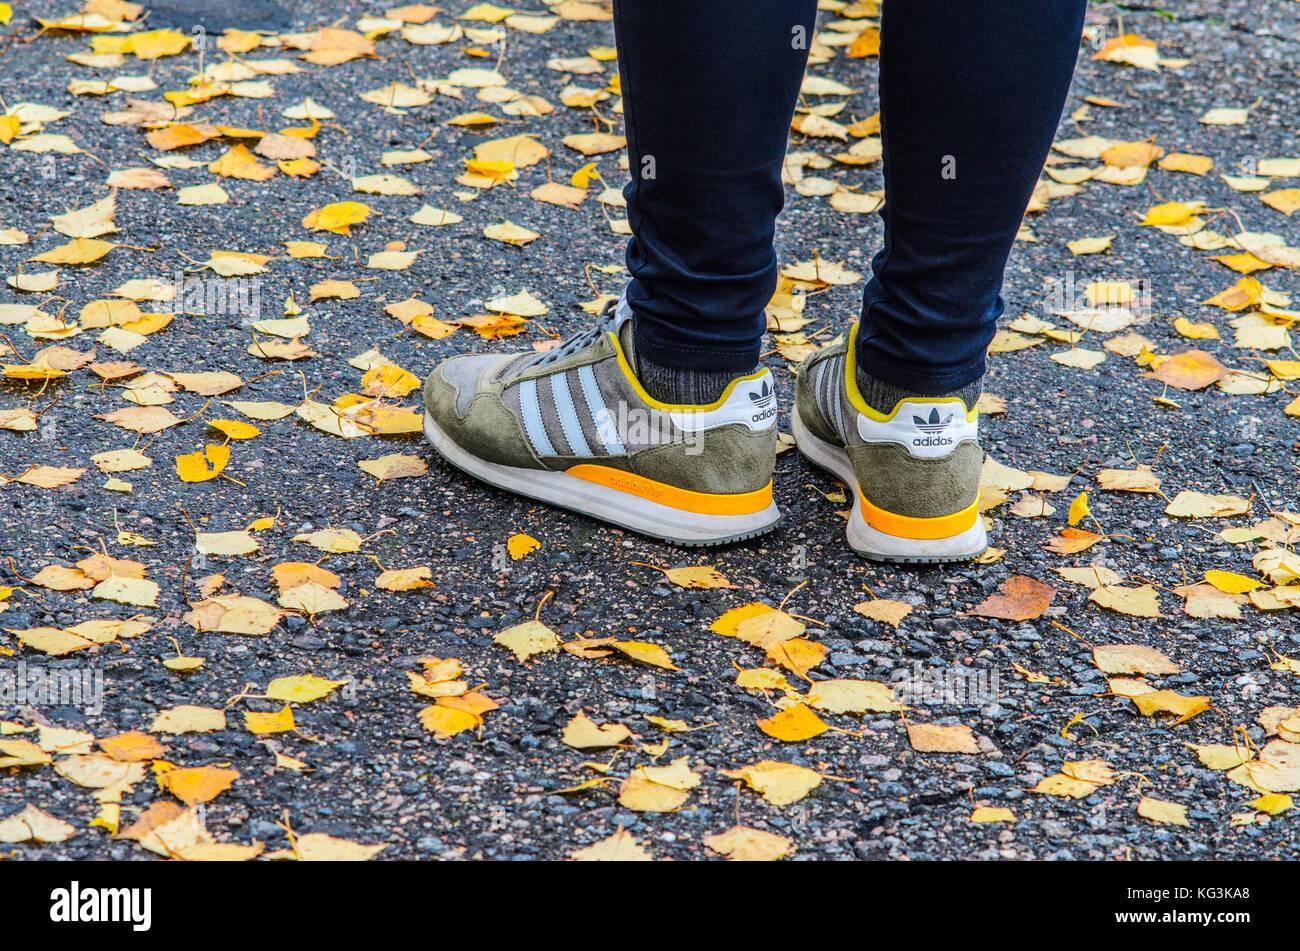 Adidas Sneaker Immagini   Adidas Sneaker Fotos Stock - Alamy a7e66e76950